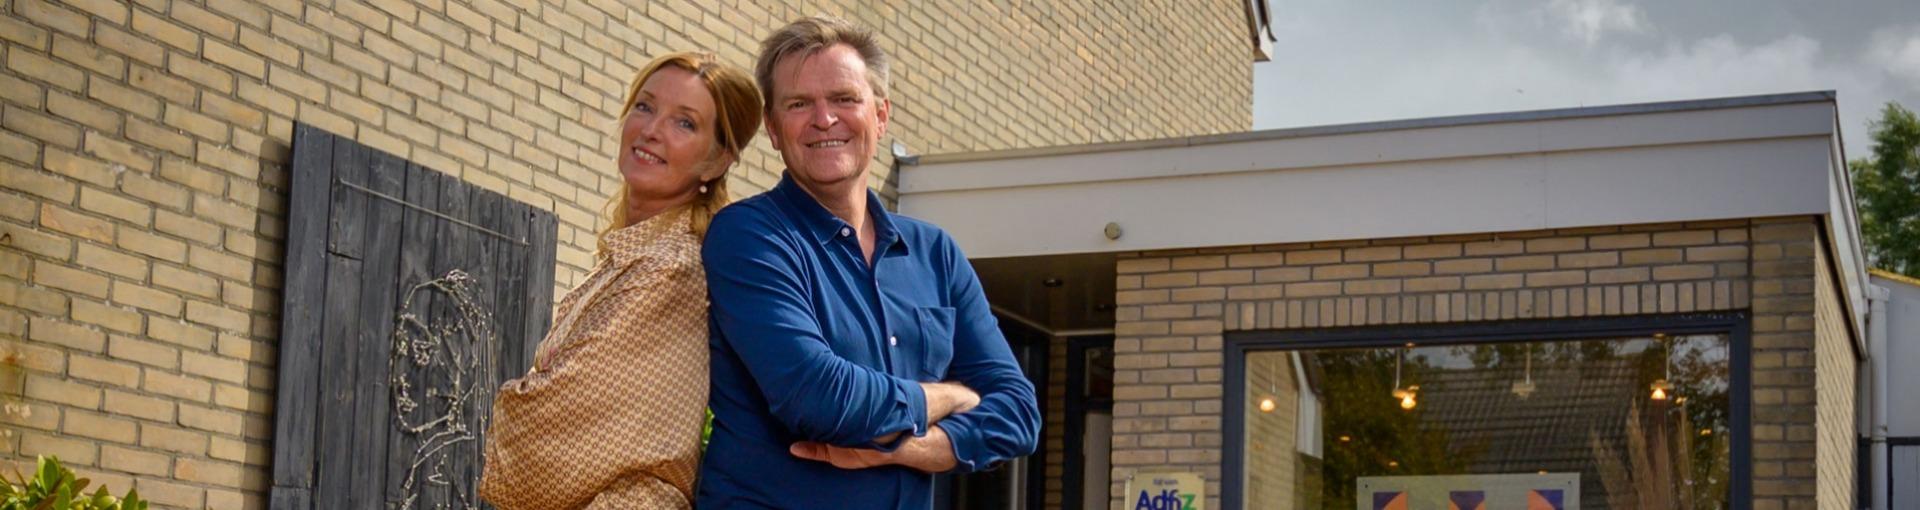 Annalies en Anne Muurling voor hun kantoor in Harlingen